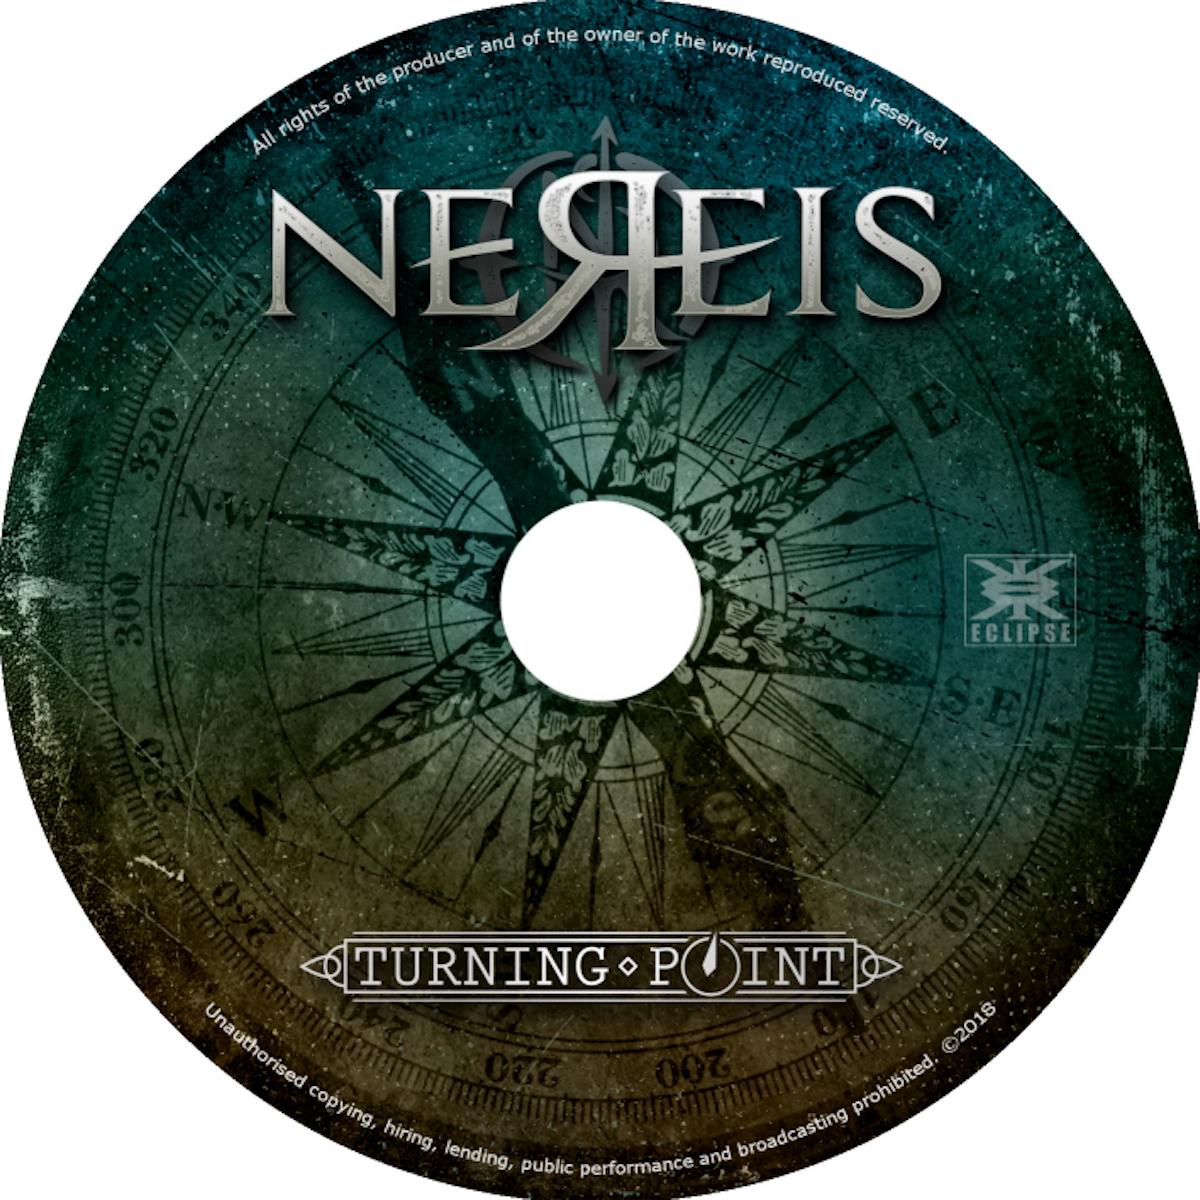 Turning Point - CD Version - NEREIS